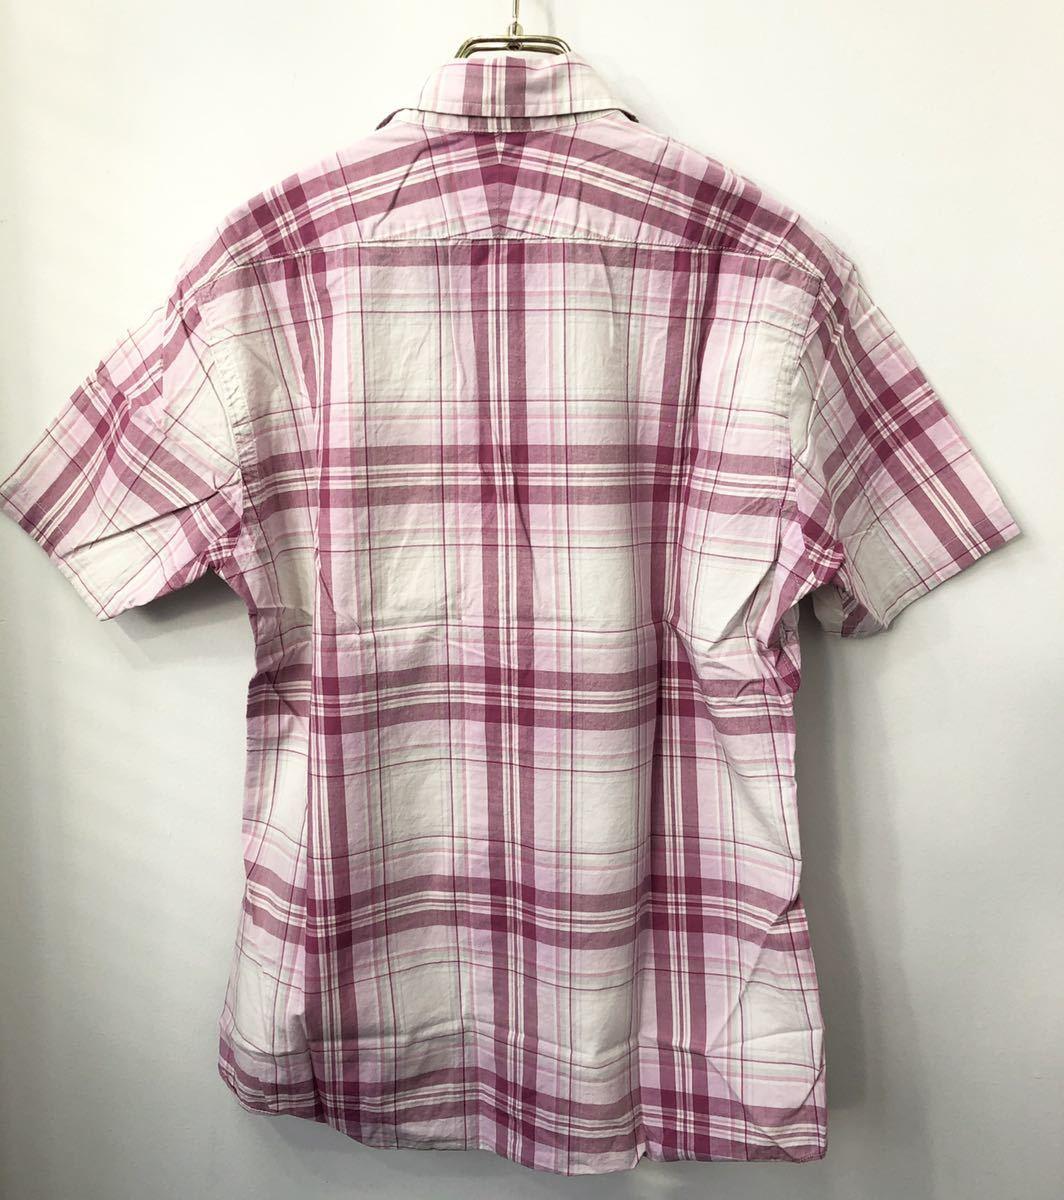 美品 BURBERRY BLACK LABEL バーバリーブラックレーベル ホースマーク刺繍 チェック 半袖シャツ 2 ピンク